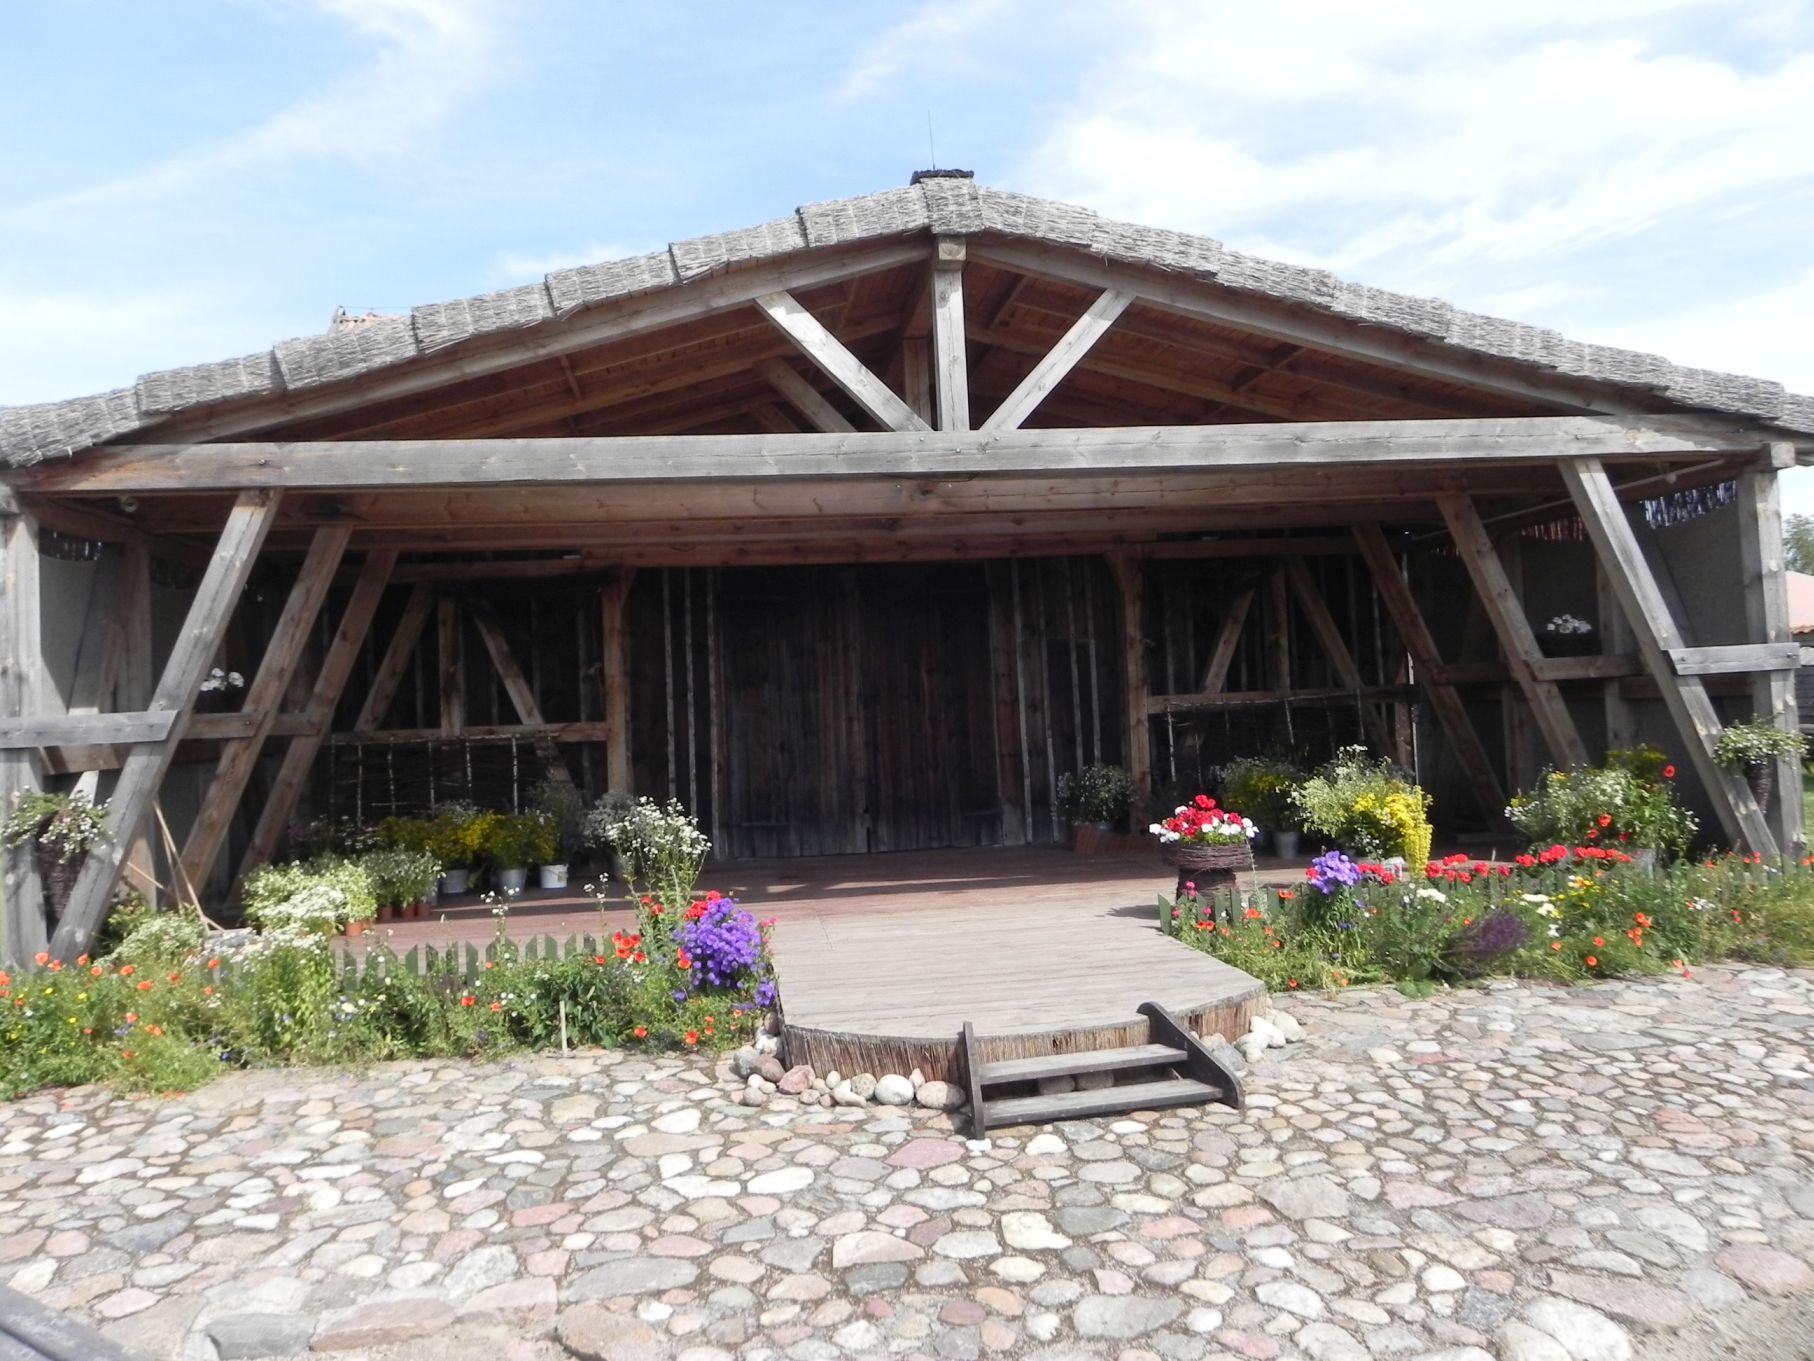 Kamionka - wioski tematyczne (14)